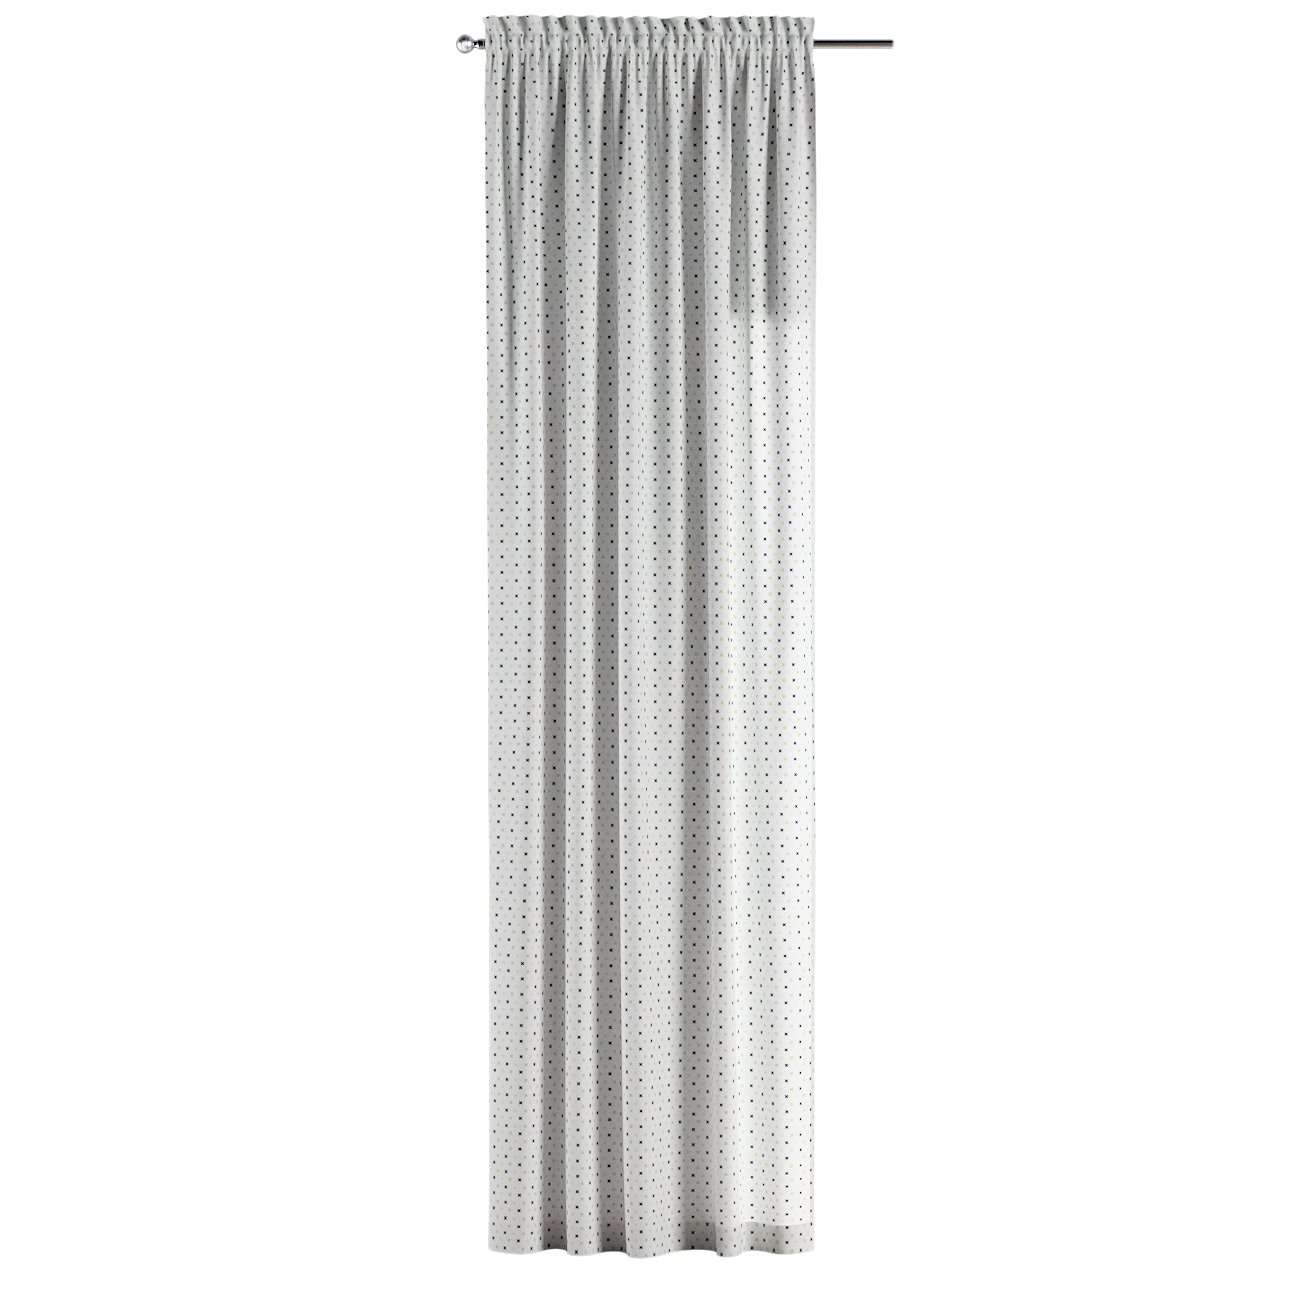 Gardin med løpegang - multibånd 1 stk. 130 × 260 cm fra kolleksjonen Adventure, Stoffets bredde: 141-83